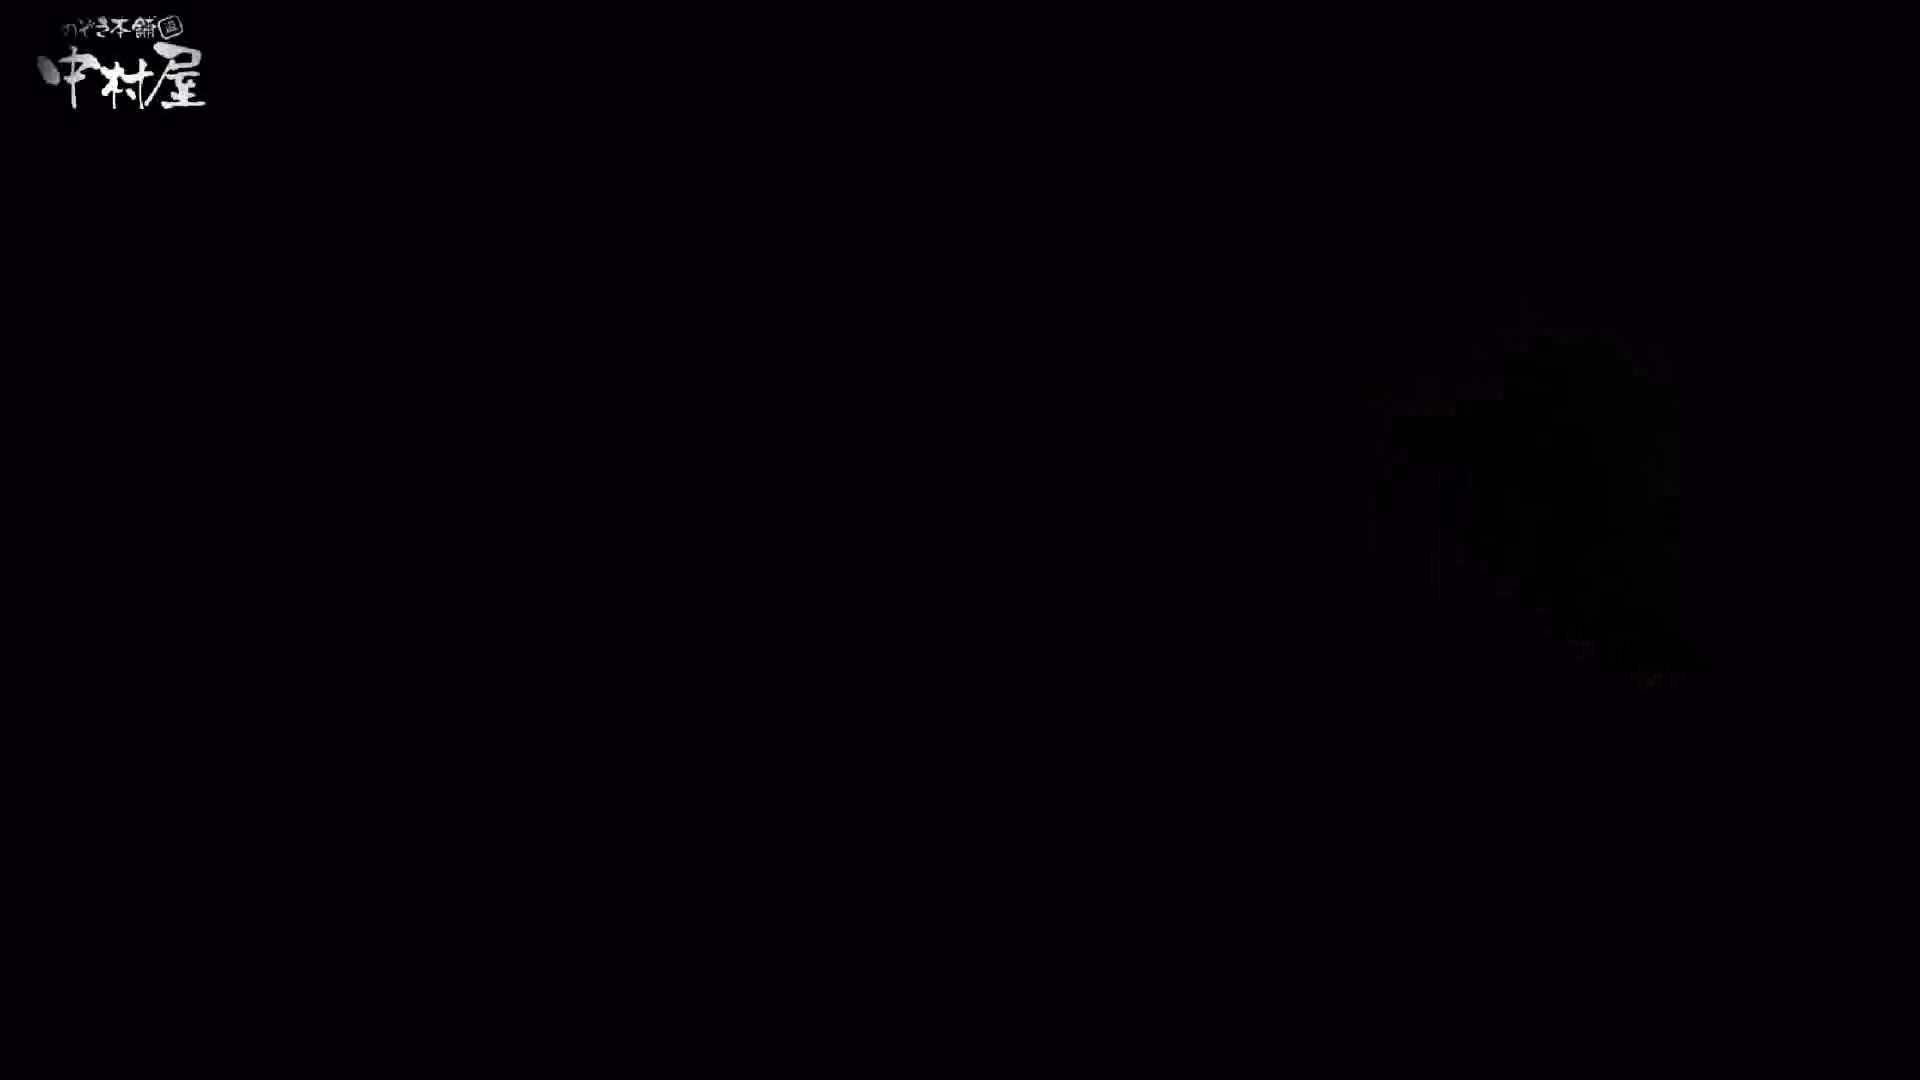 民家風呂専門盗撮師の超危険映像 vol.017 盗撮 オメコ動画キャプチャ 93PICs 21